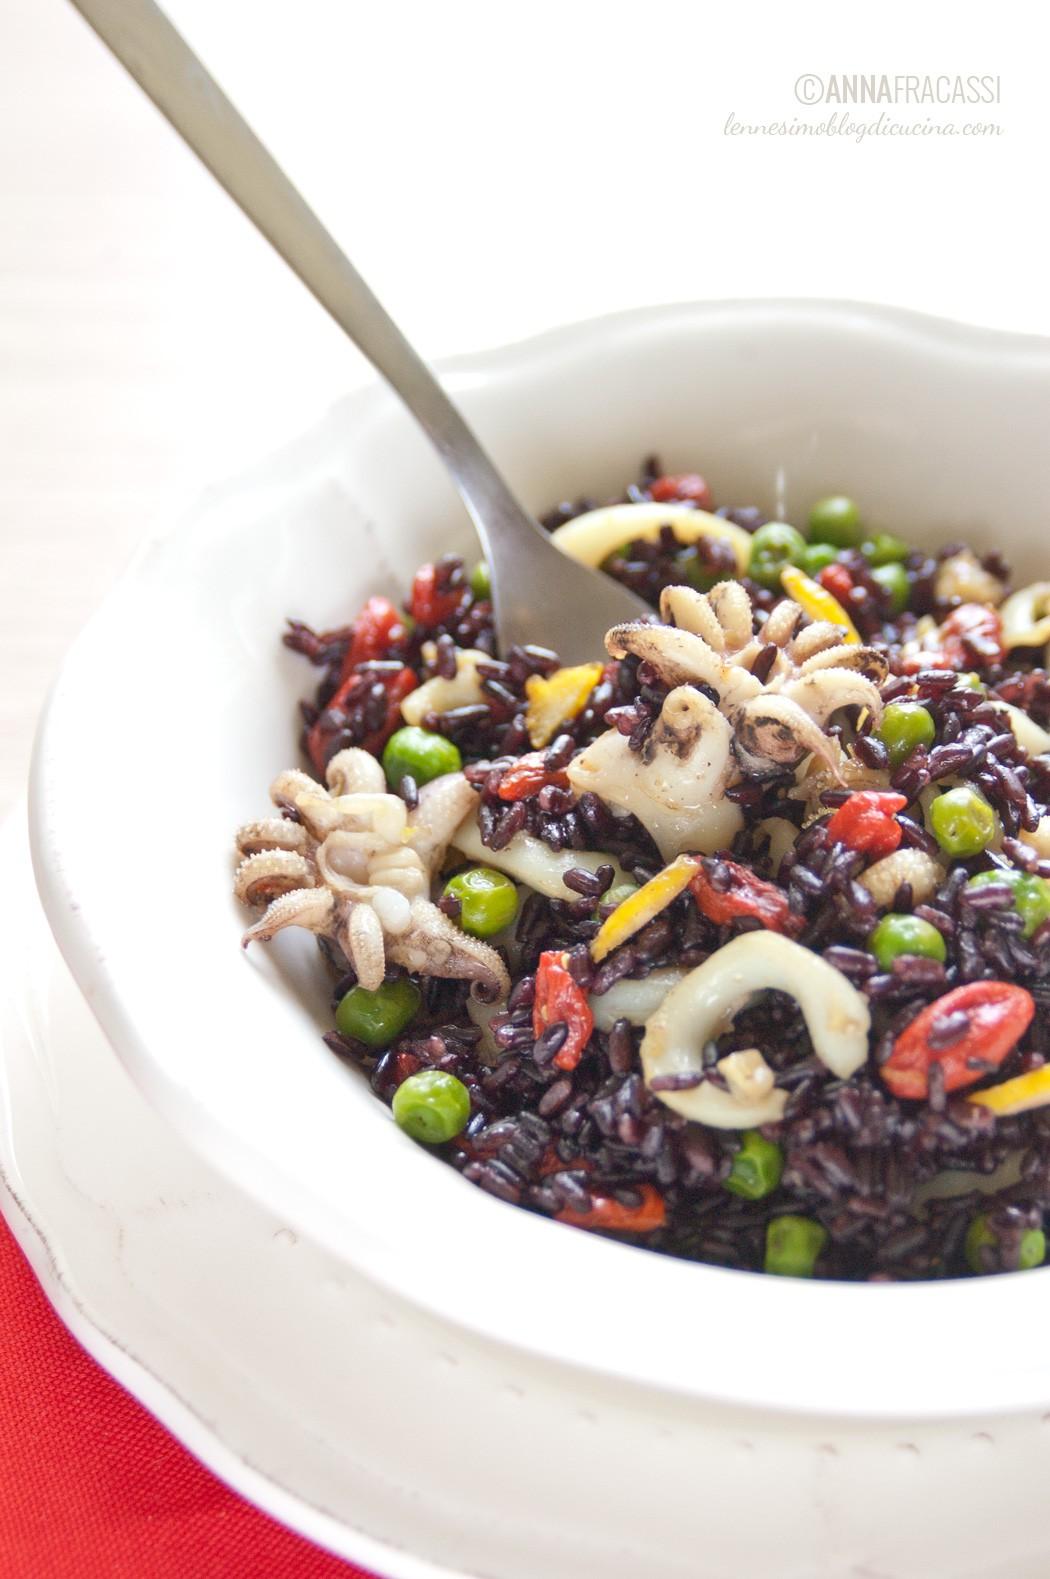 Insalata di riso venere con seppie, pisellini e bacche di Goji